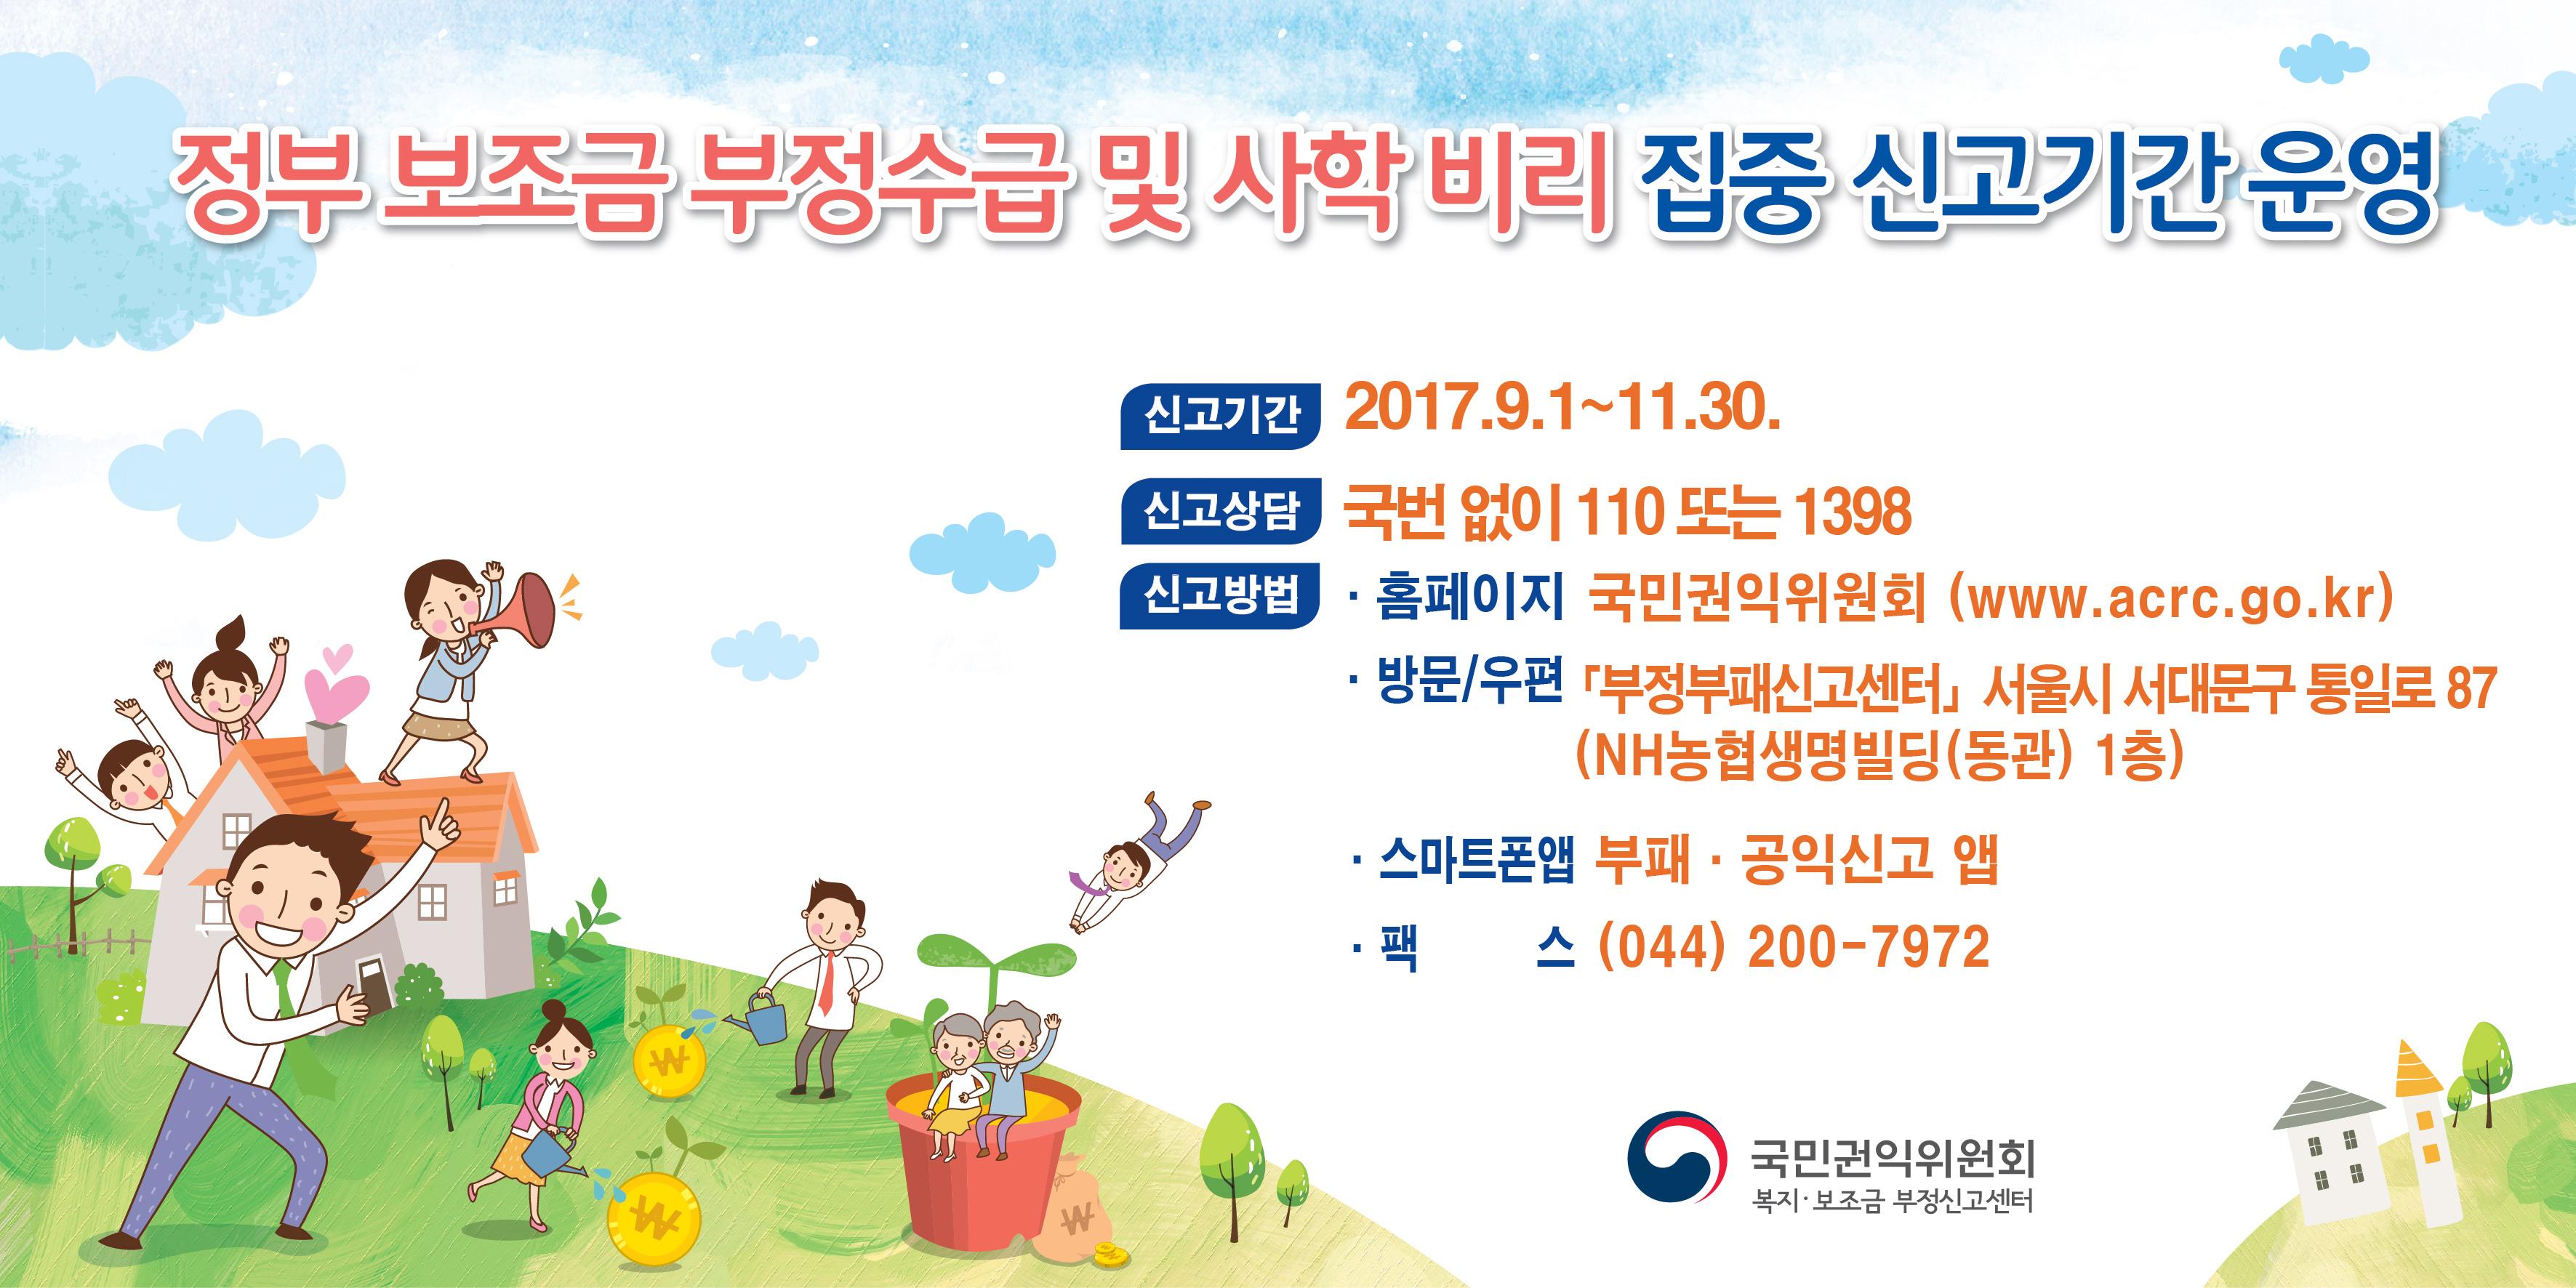 정부 보조금 부정수급 및 사학 비리 집중 신고기간 운영-국민권익위원회